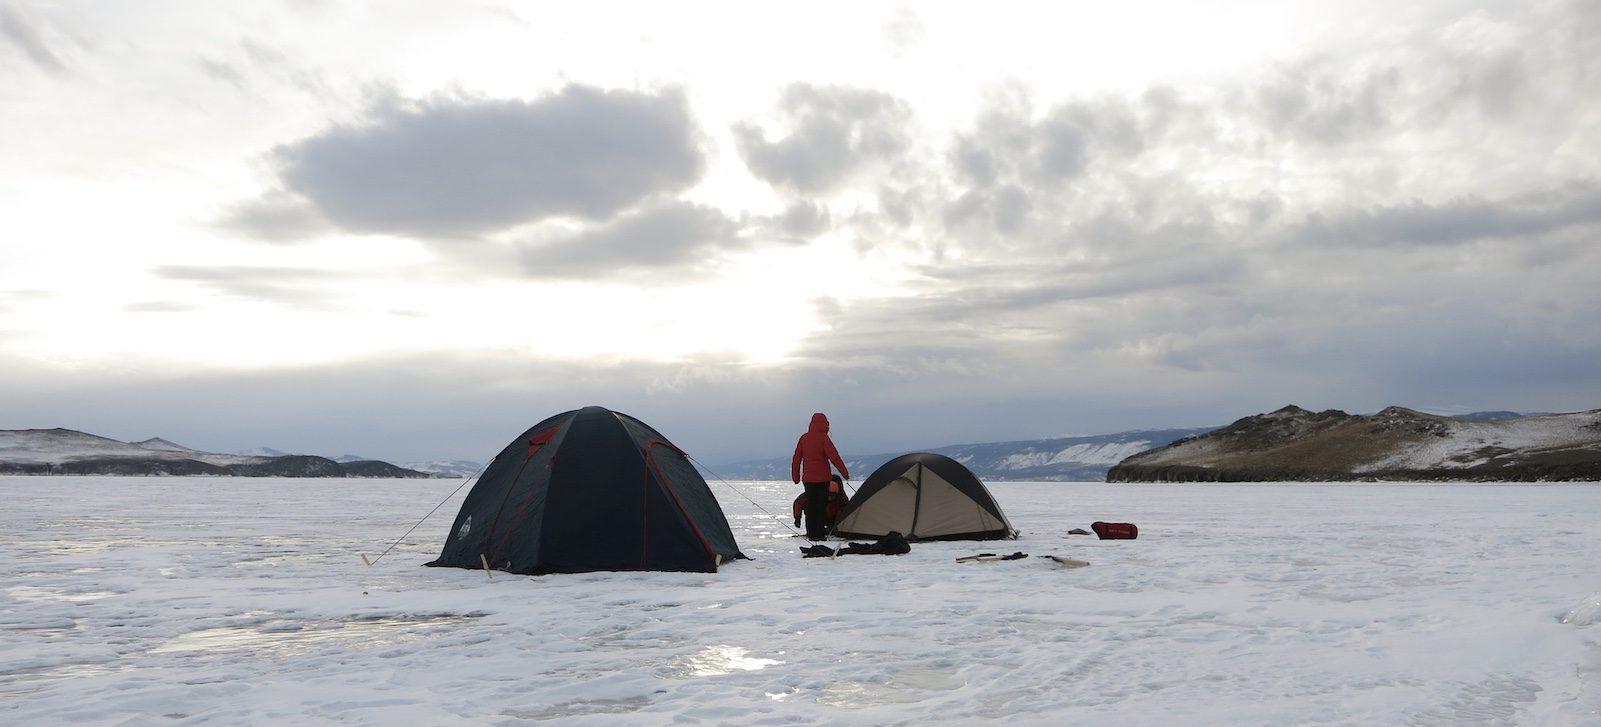 Zelten auf dem Eis